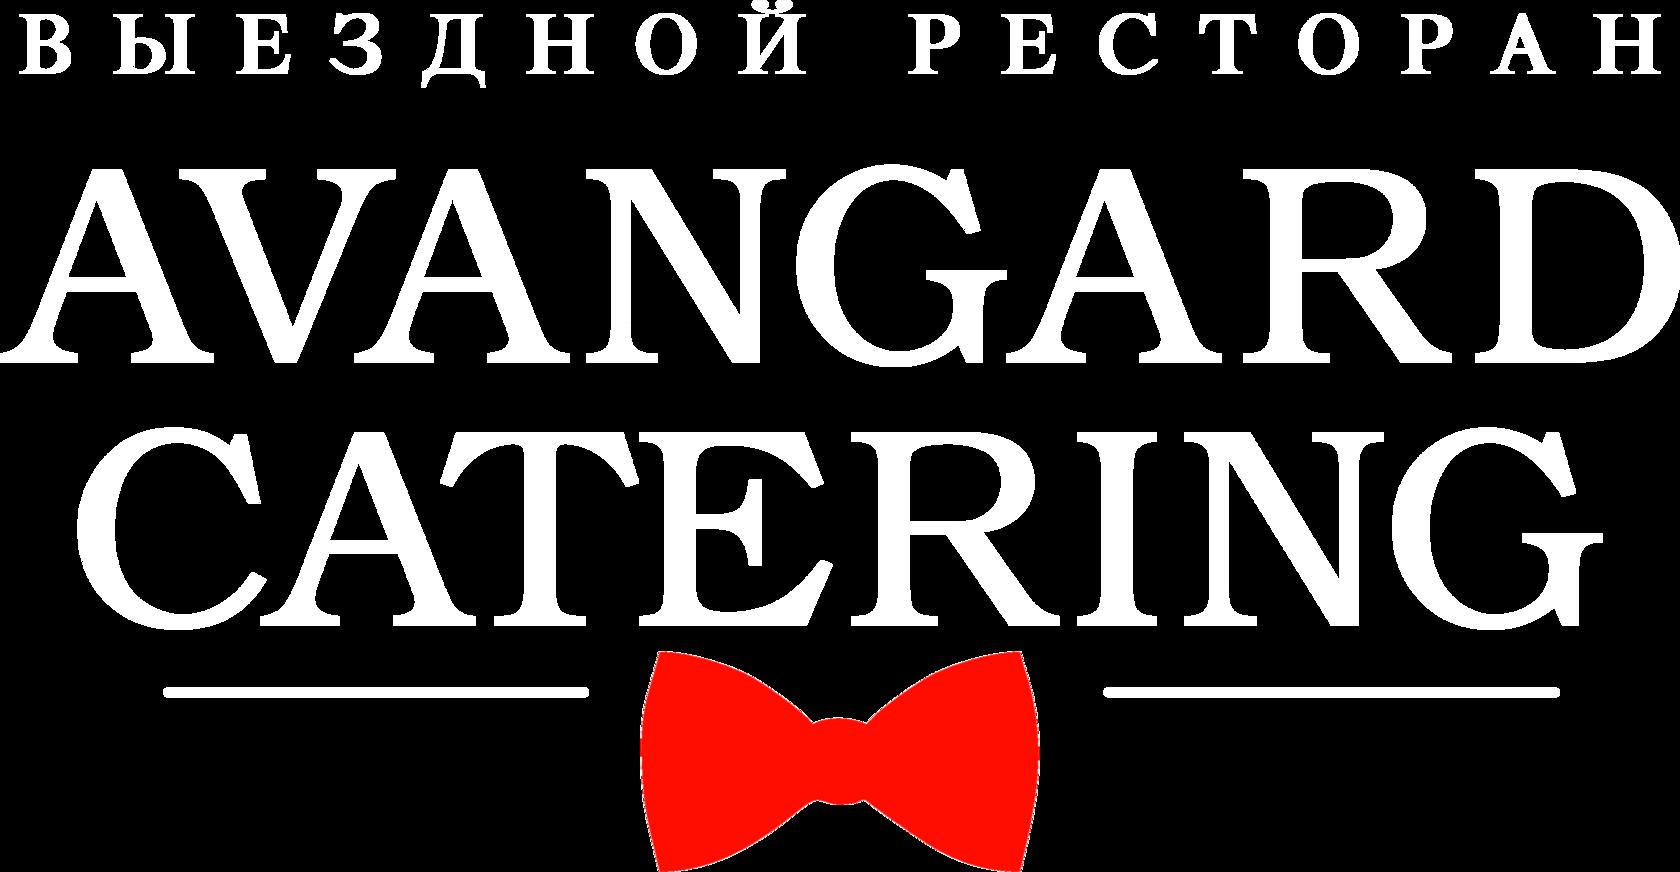 Кейтеринг в Ярославле, Вологде, Иваново, Костроме, Самаре